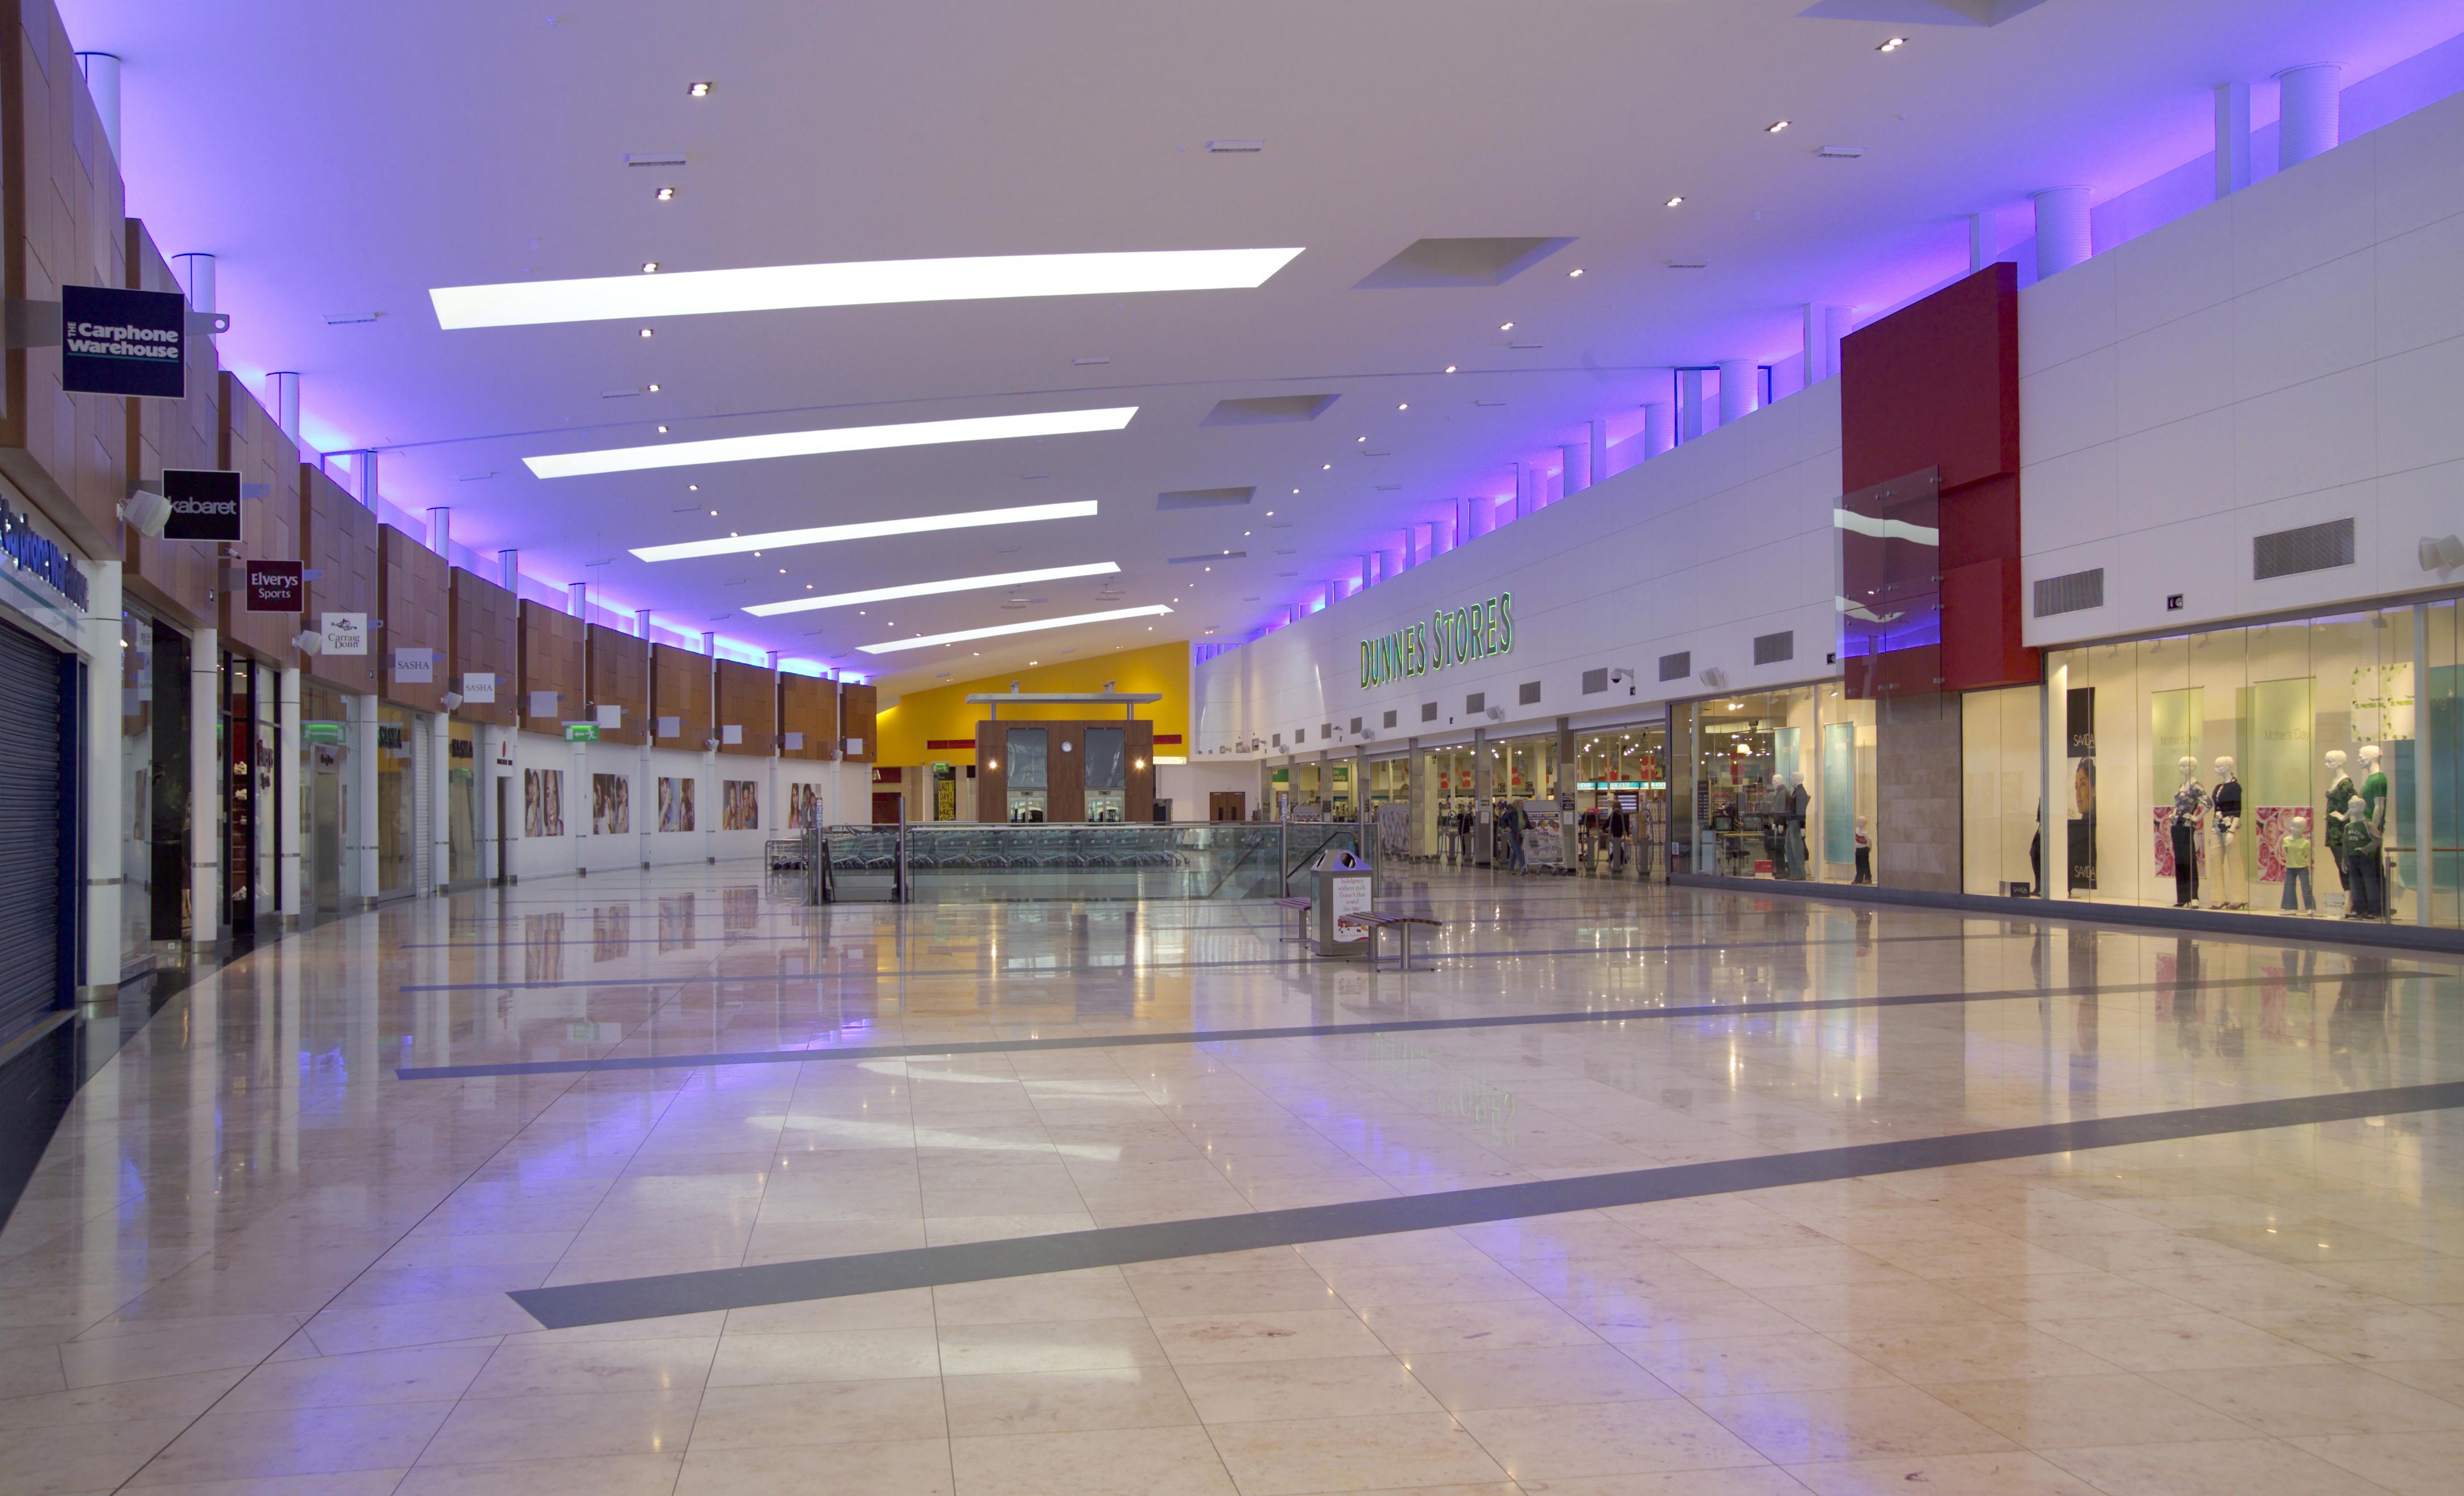 Jetland Shopping Centre Caherdavin Oppermann